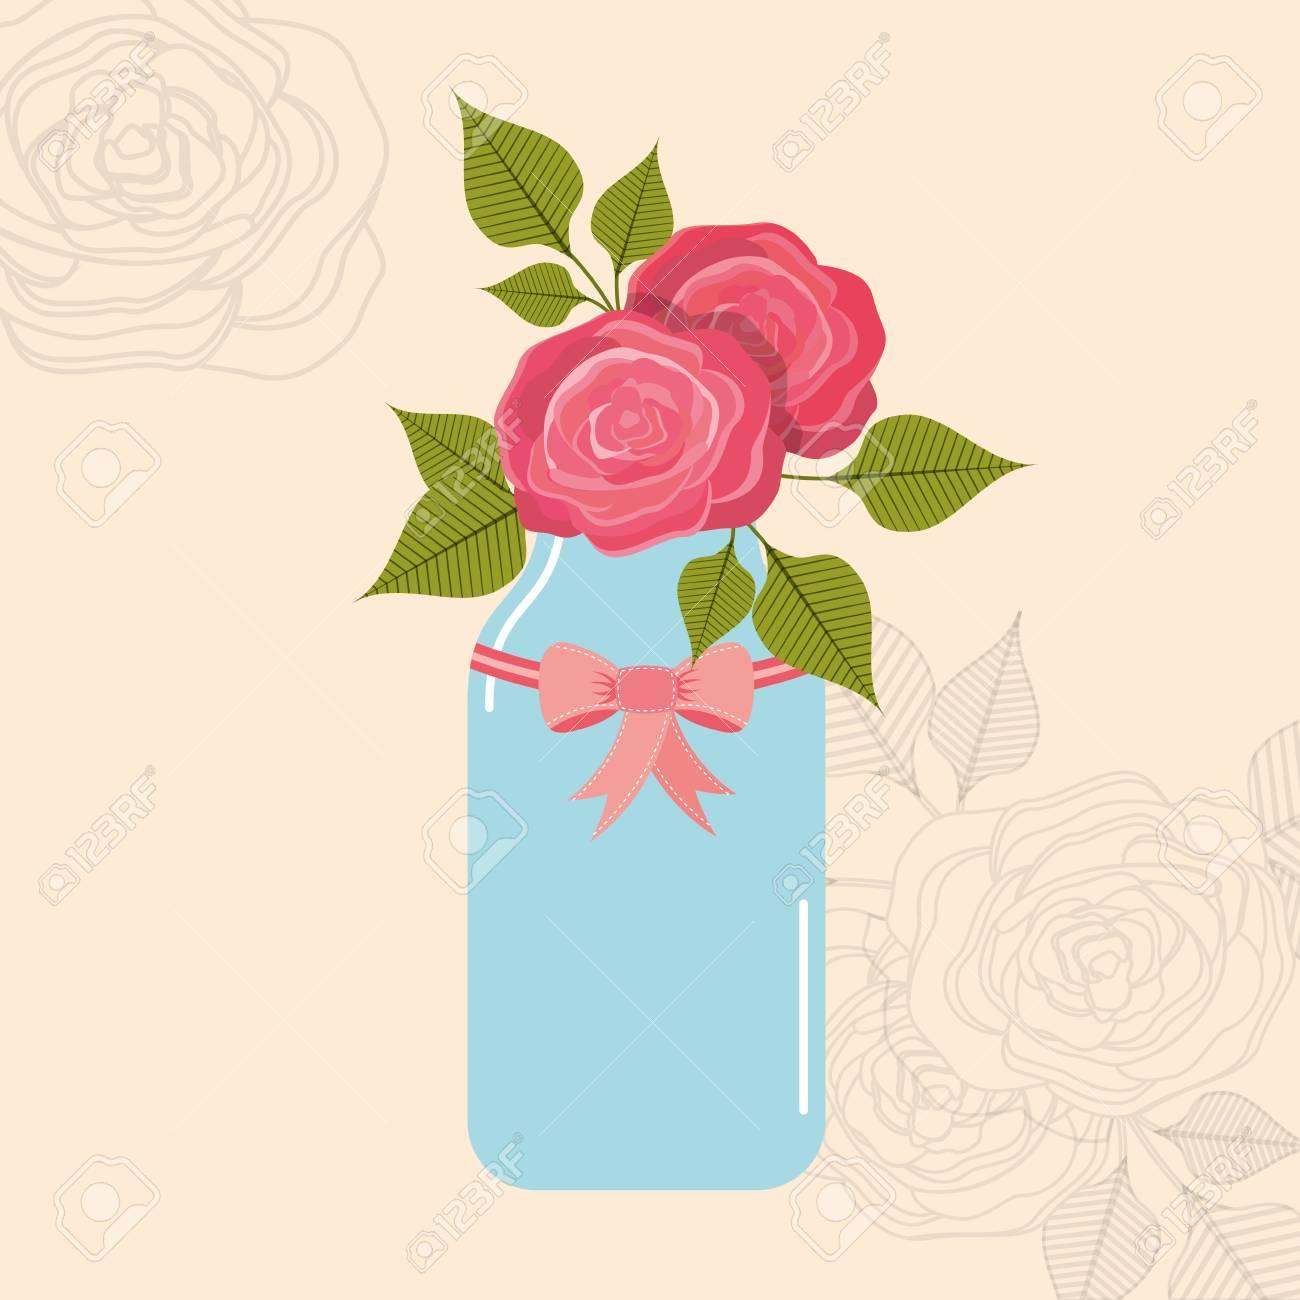 花飾りベクトル イラスト デザインと美しい石工の瓶のイラスト素材